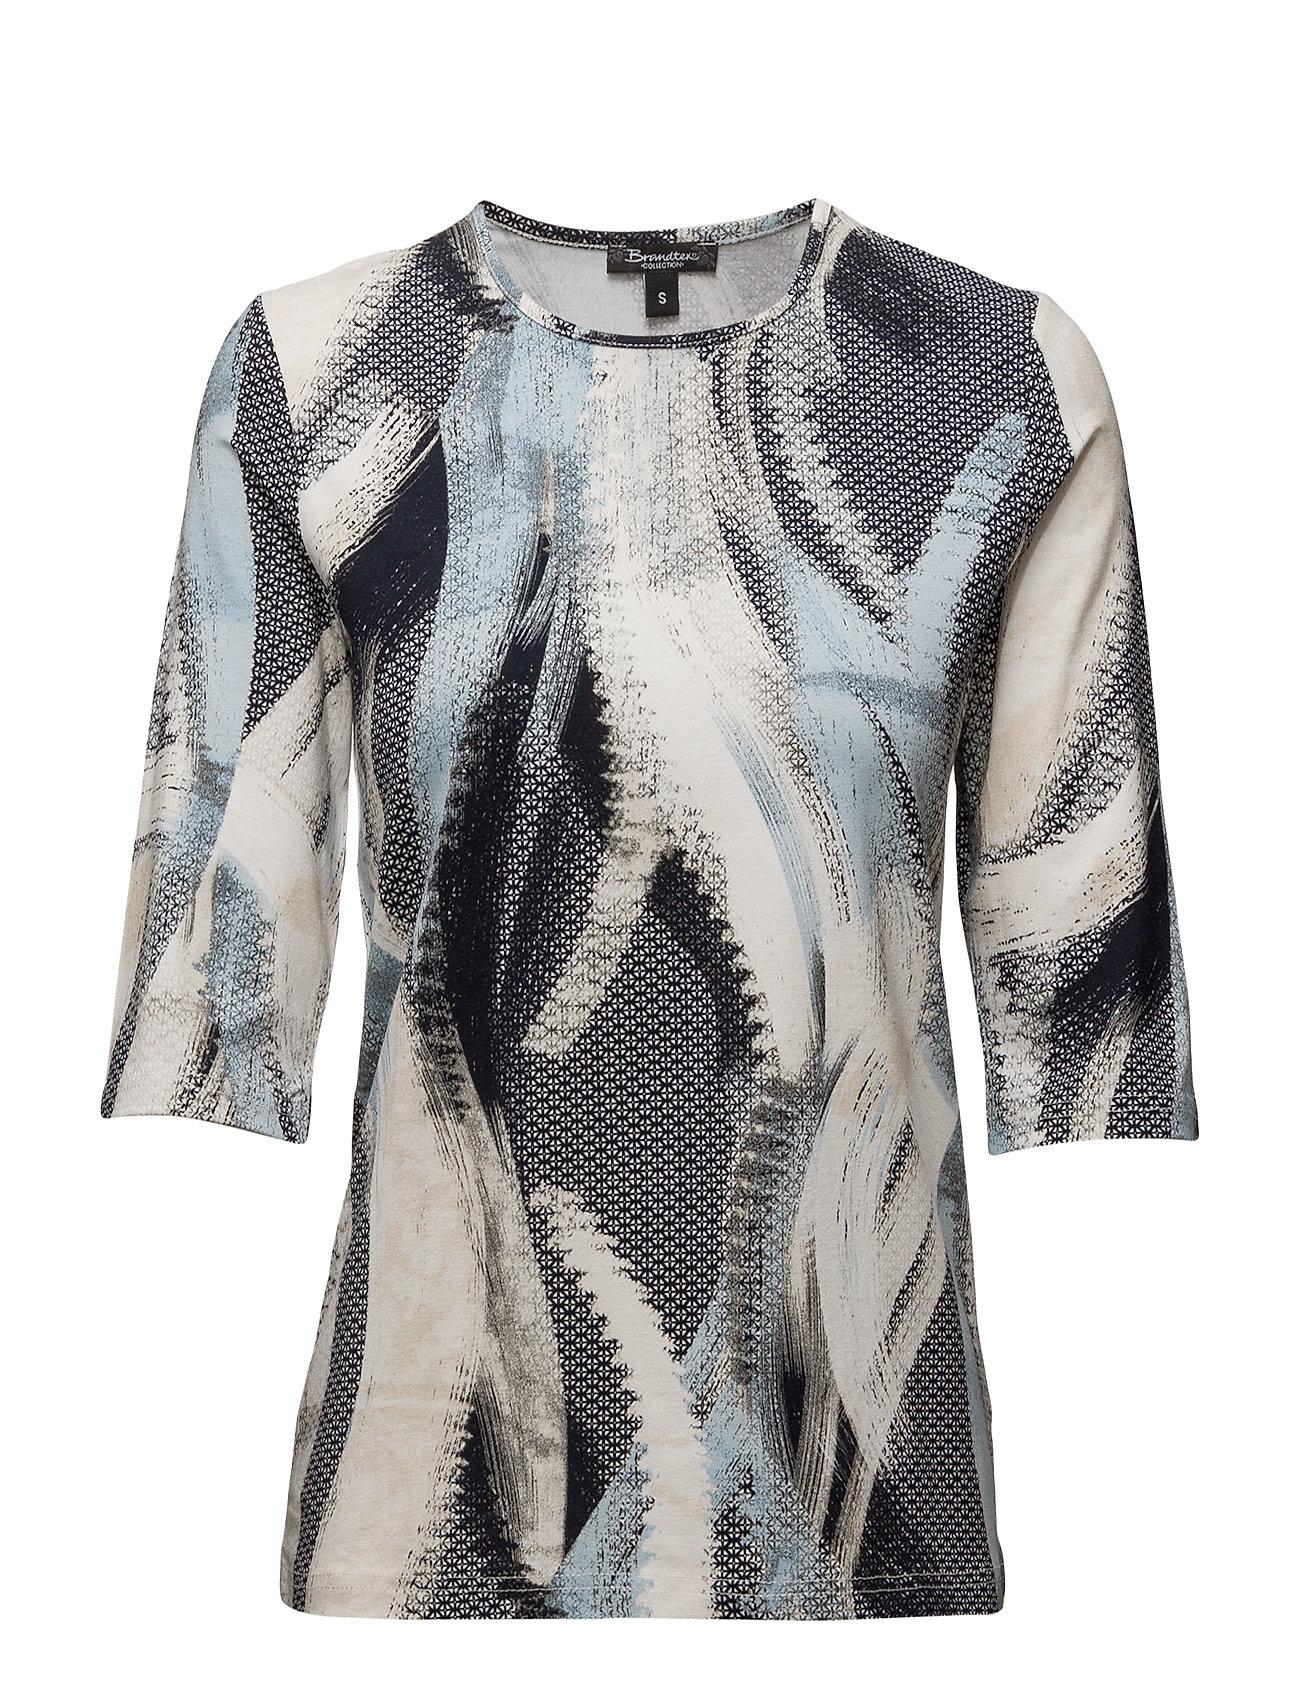 T-Shirt S/S Brandtex Kortærmede til Damer i